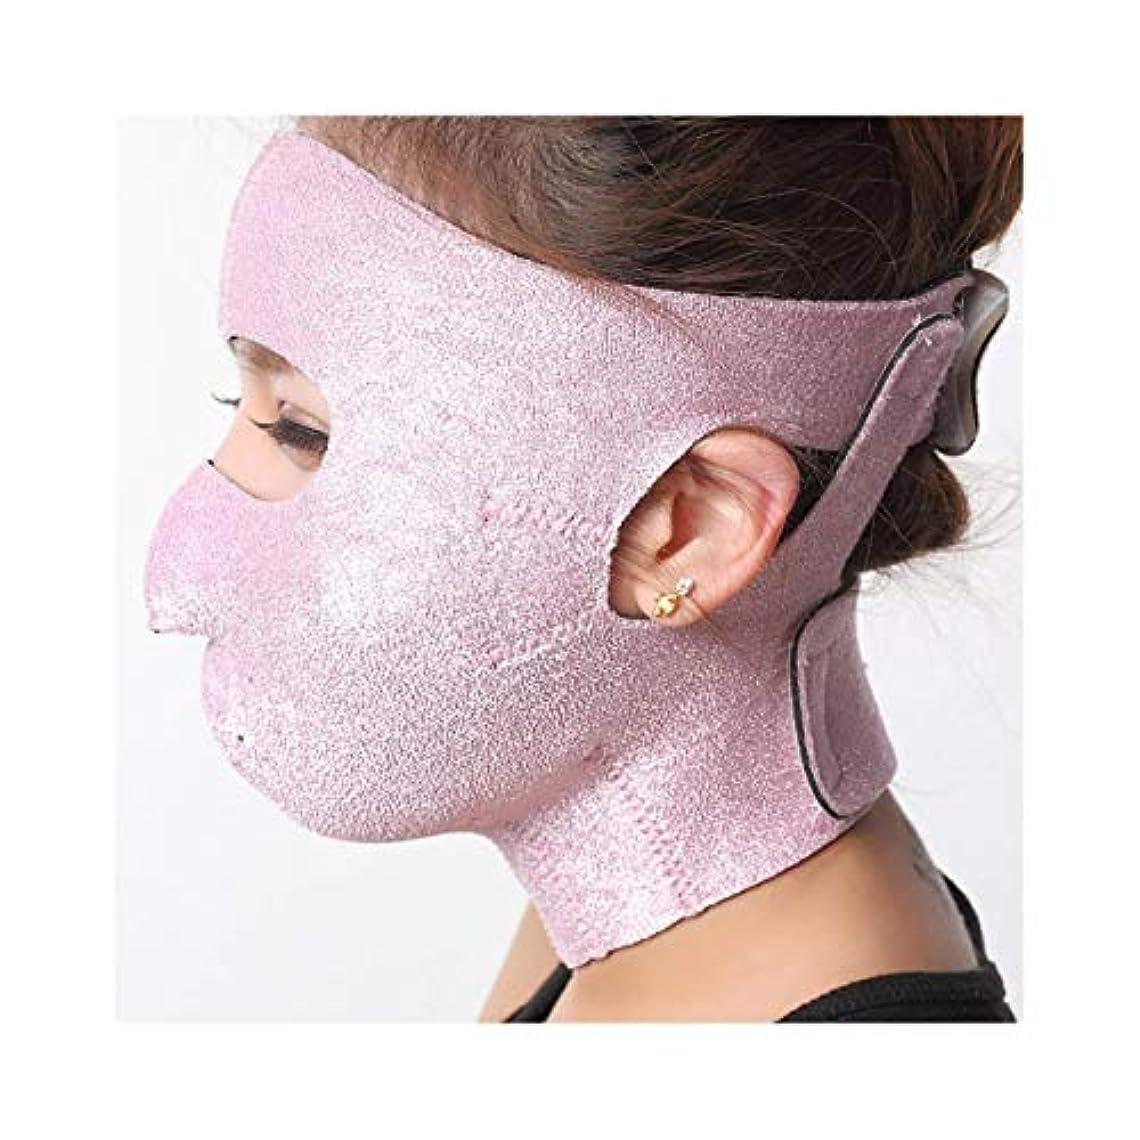 ロバ怒って建設ファーミングフェイスマスク、スモールVフェイスアーティファクトSクリームフェイスリフトフェイスメロンフェイスインストゥルメントを引き締めるリフティングマスク付きリープ薄型フェイスバンデージマスク